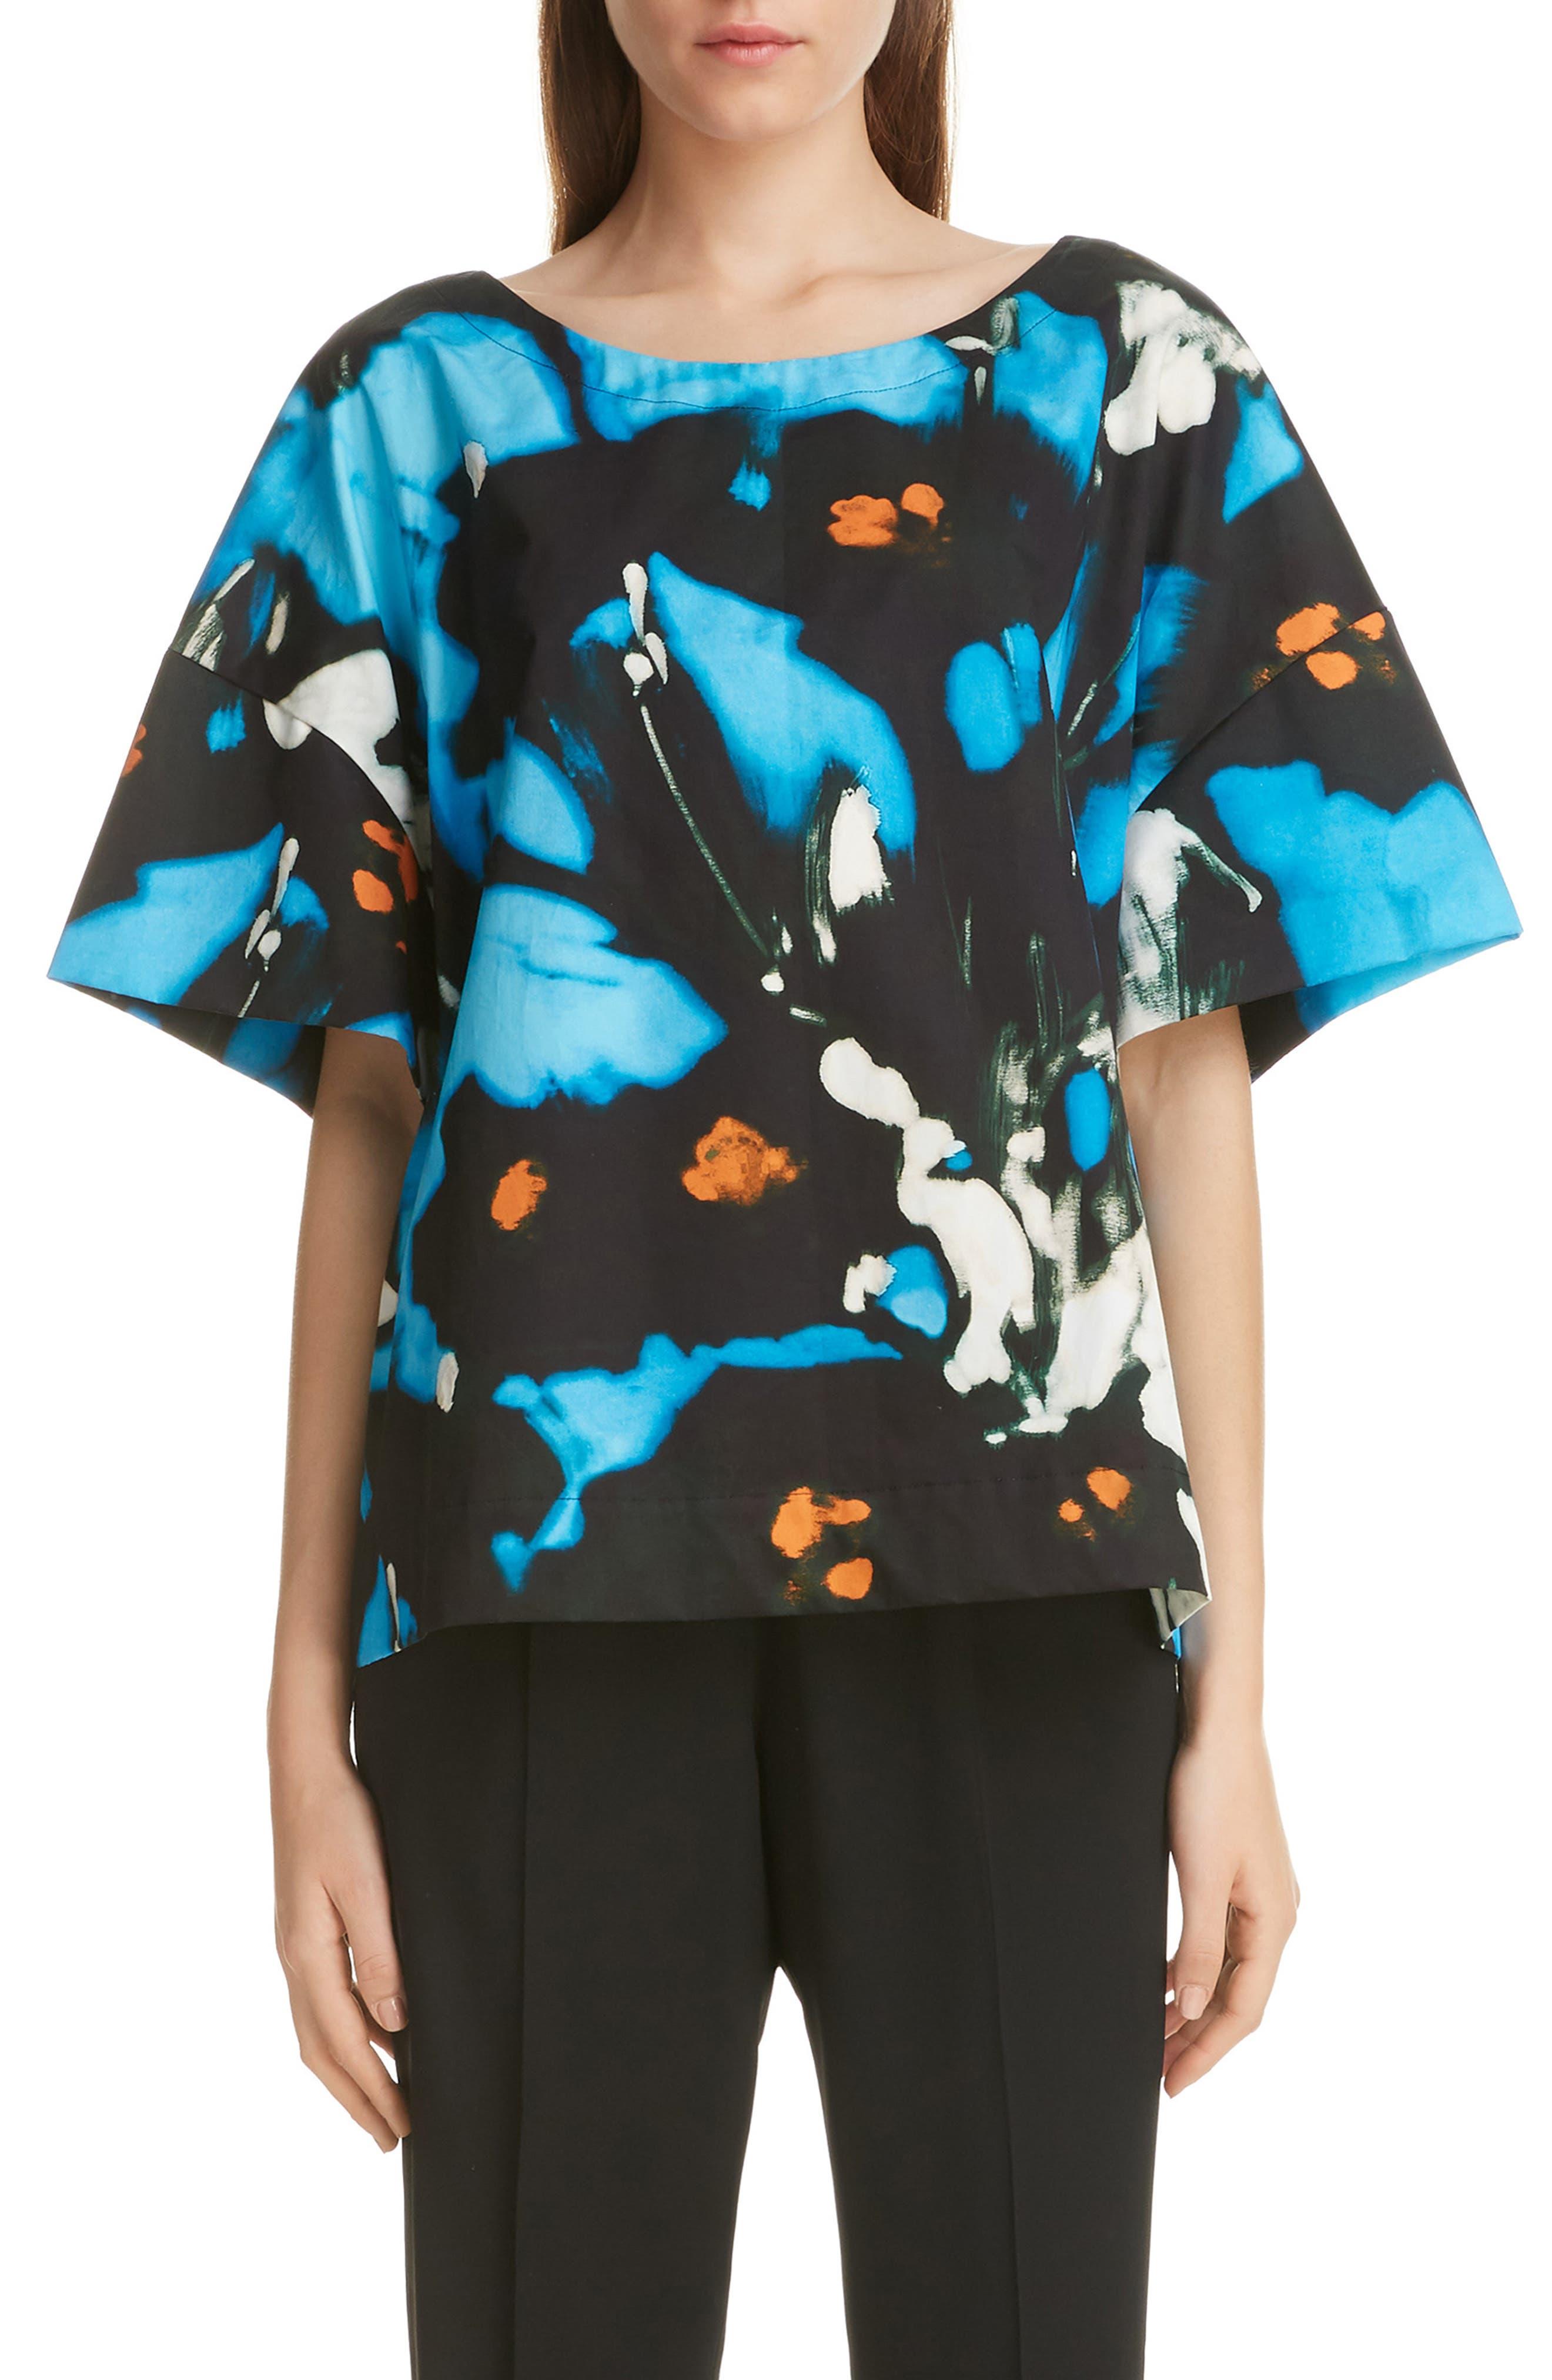 Cobala Floral Print Cotton Top, Main, color, BLUE